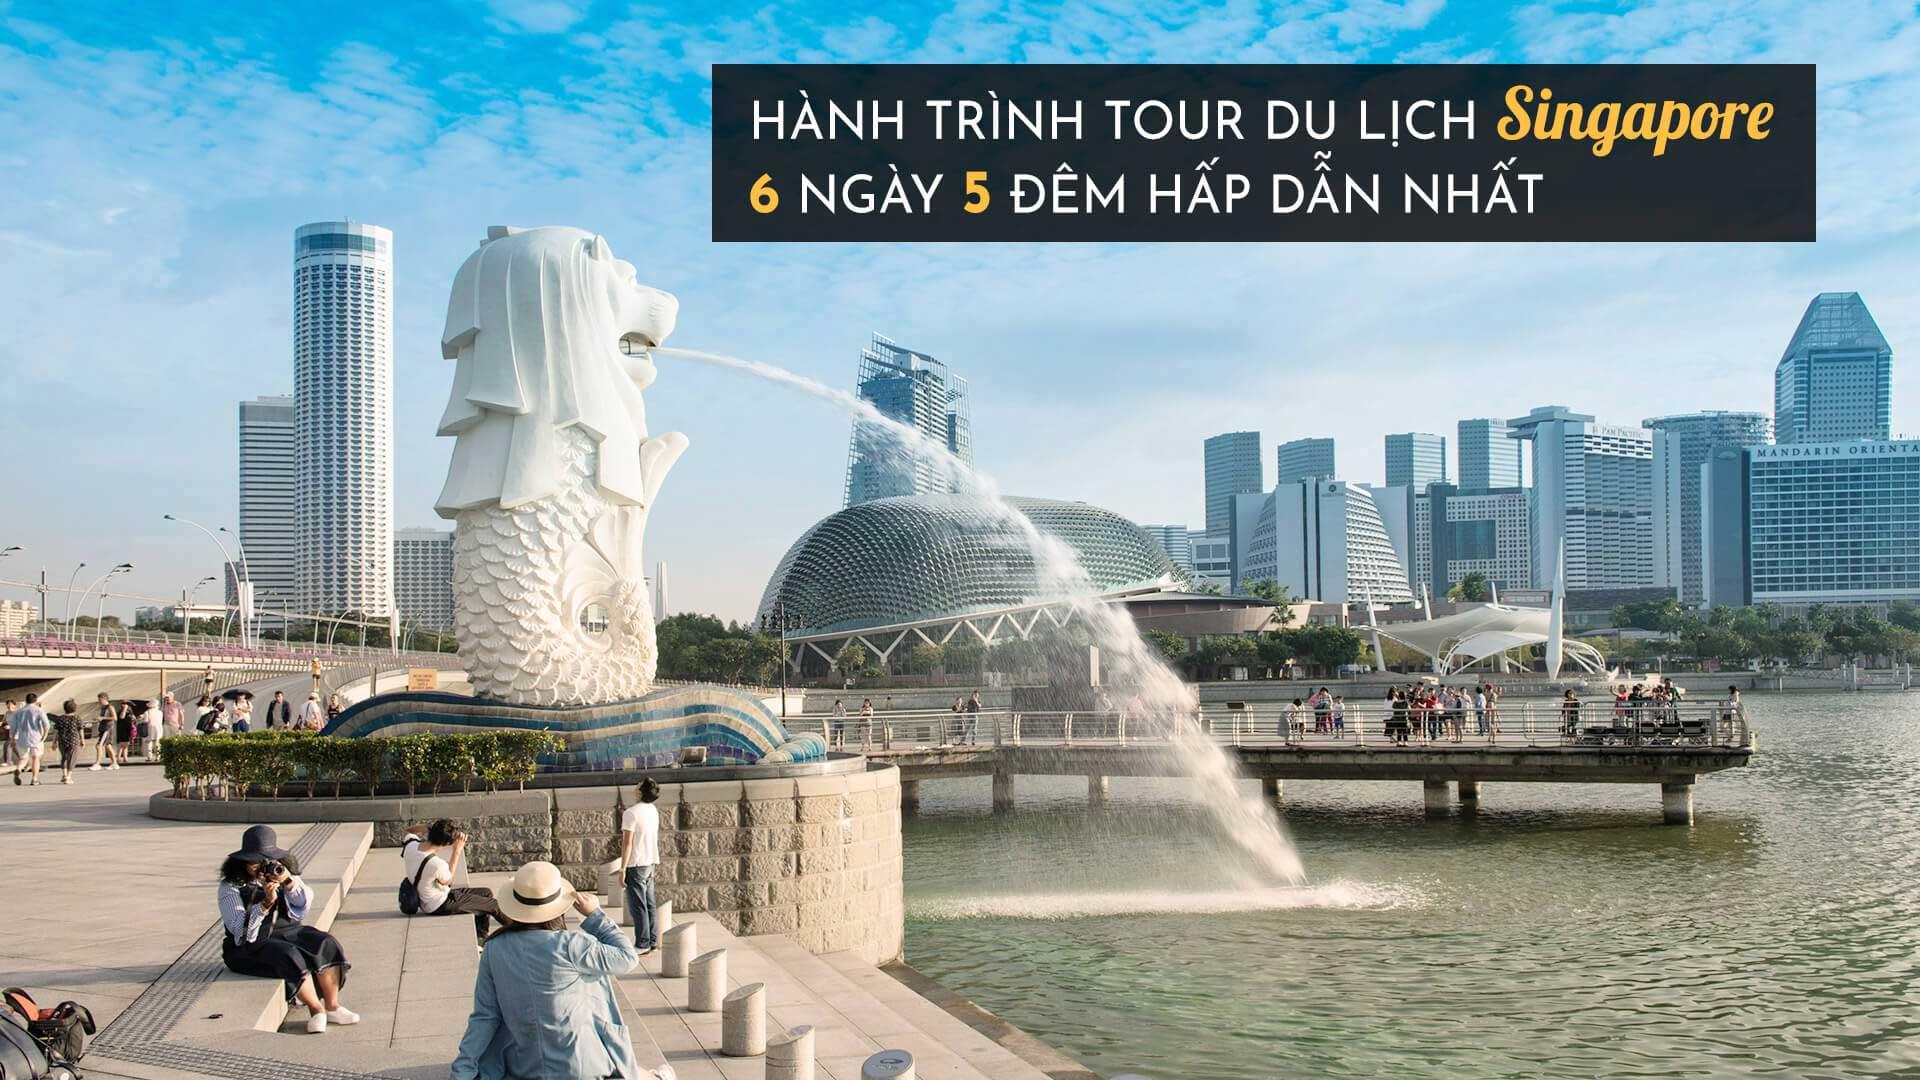 Hành trình tour du lịch Singapore 6 ngày 5 đêm hấp dẫn nhất